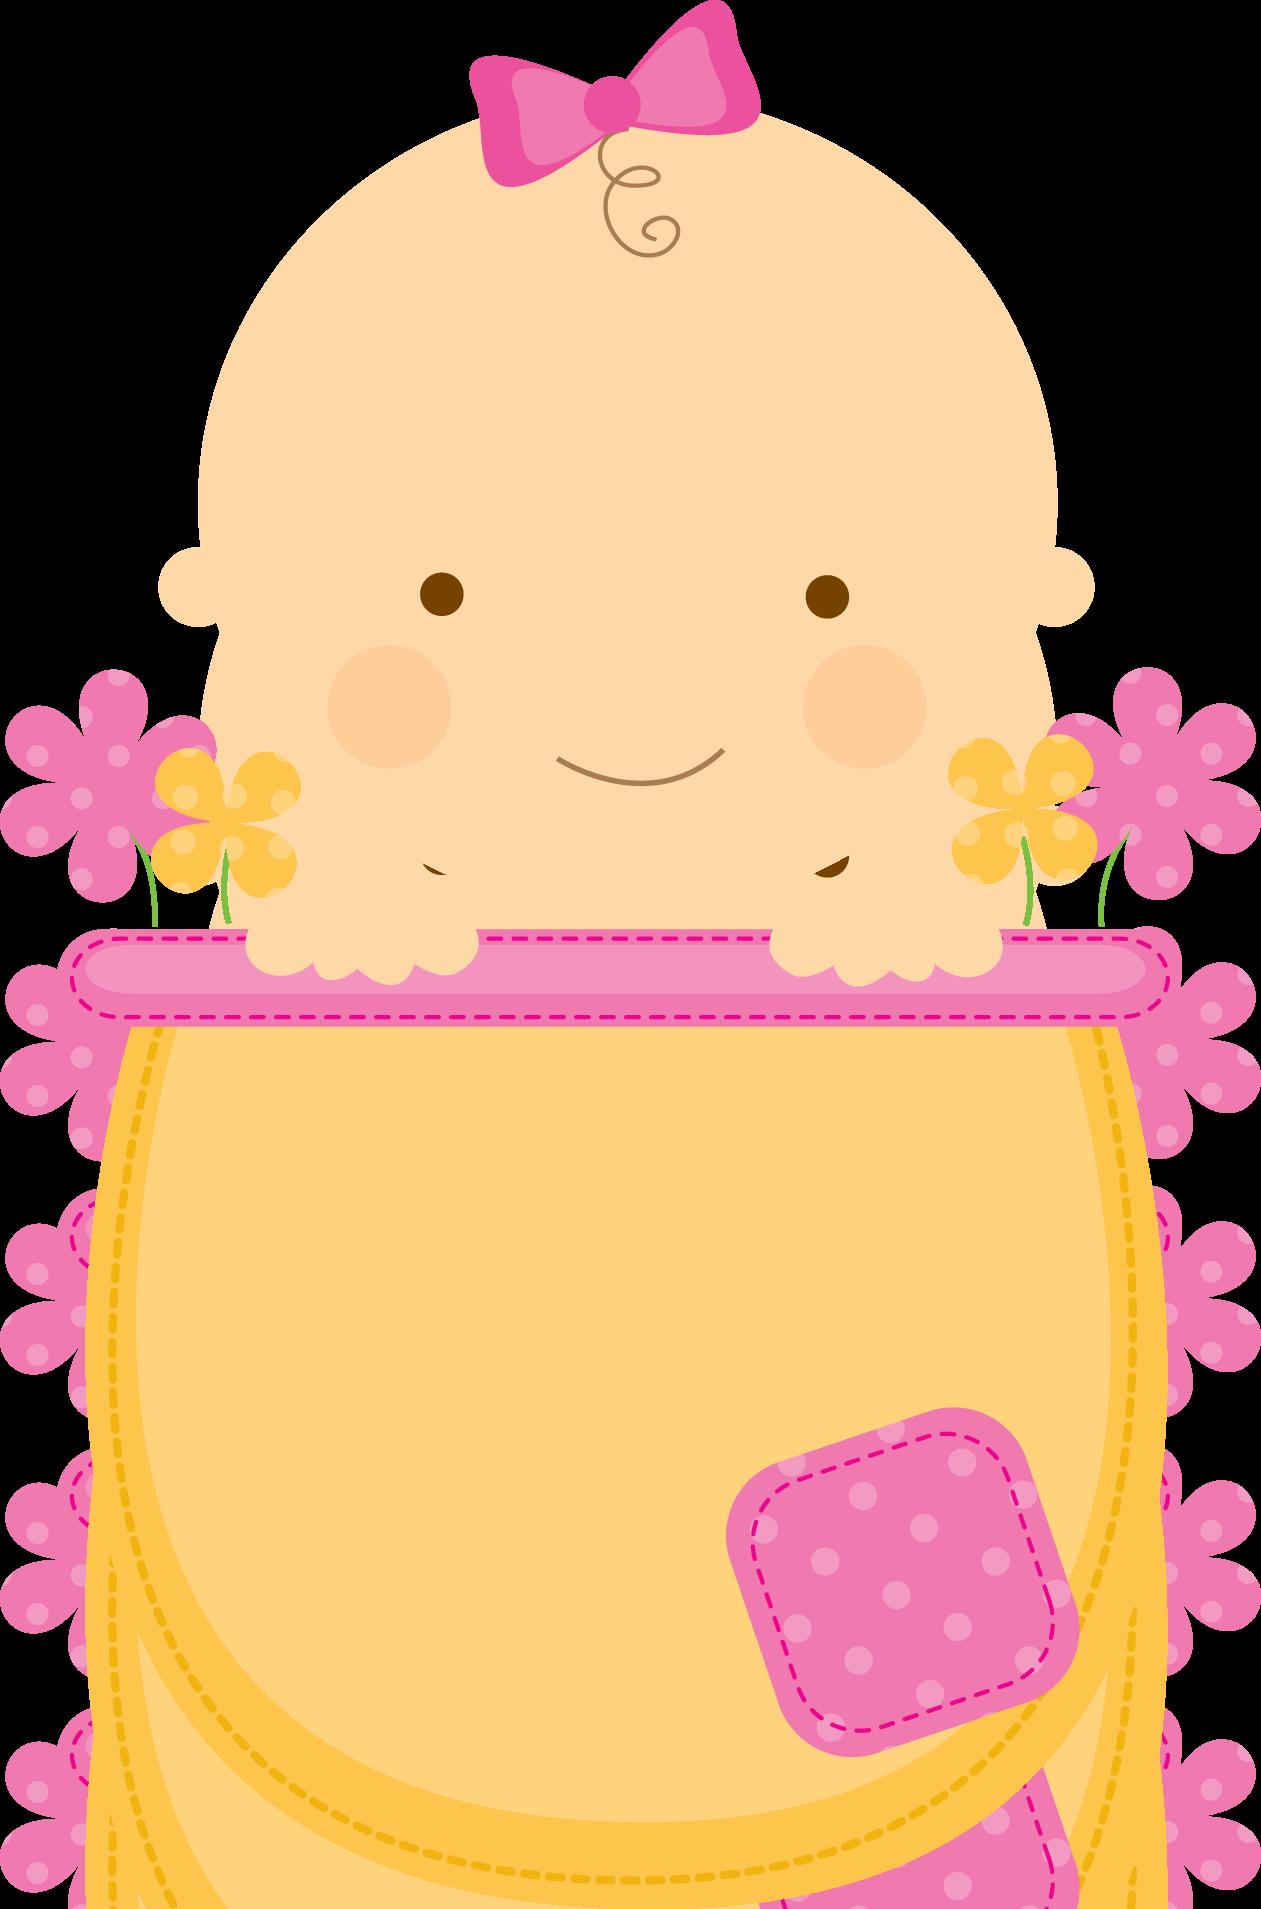 Flowerpot babies babyinflowerpot pink. Gift clipart baby shower gift